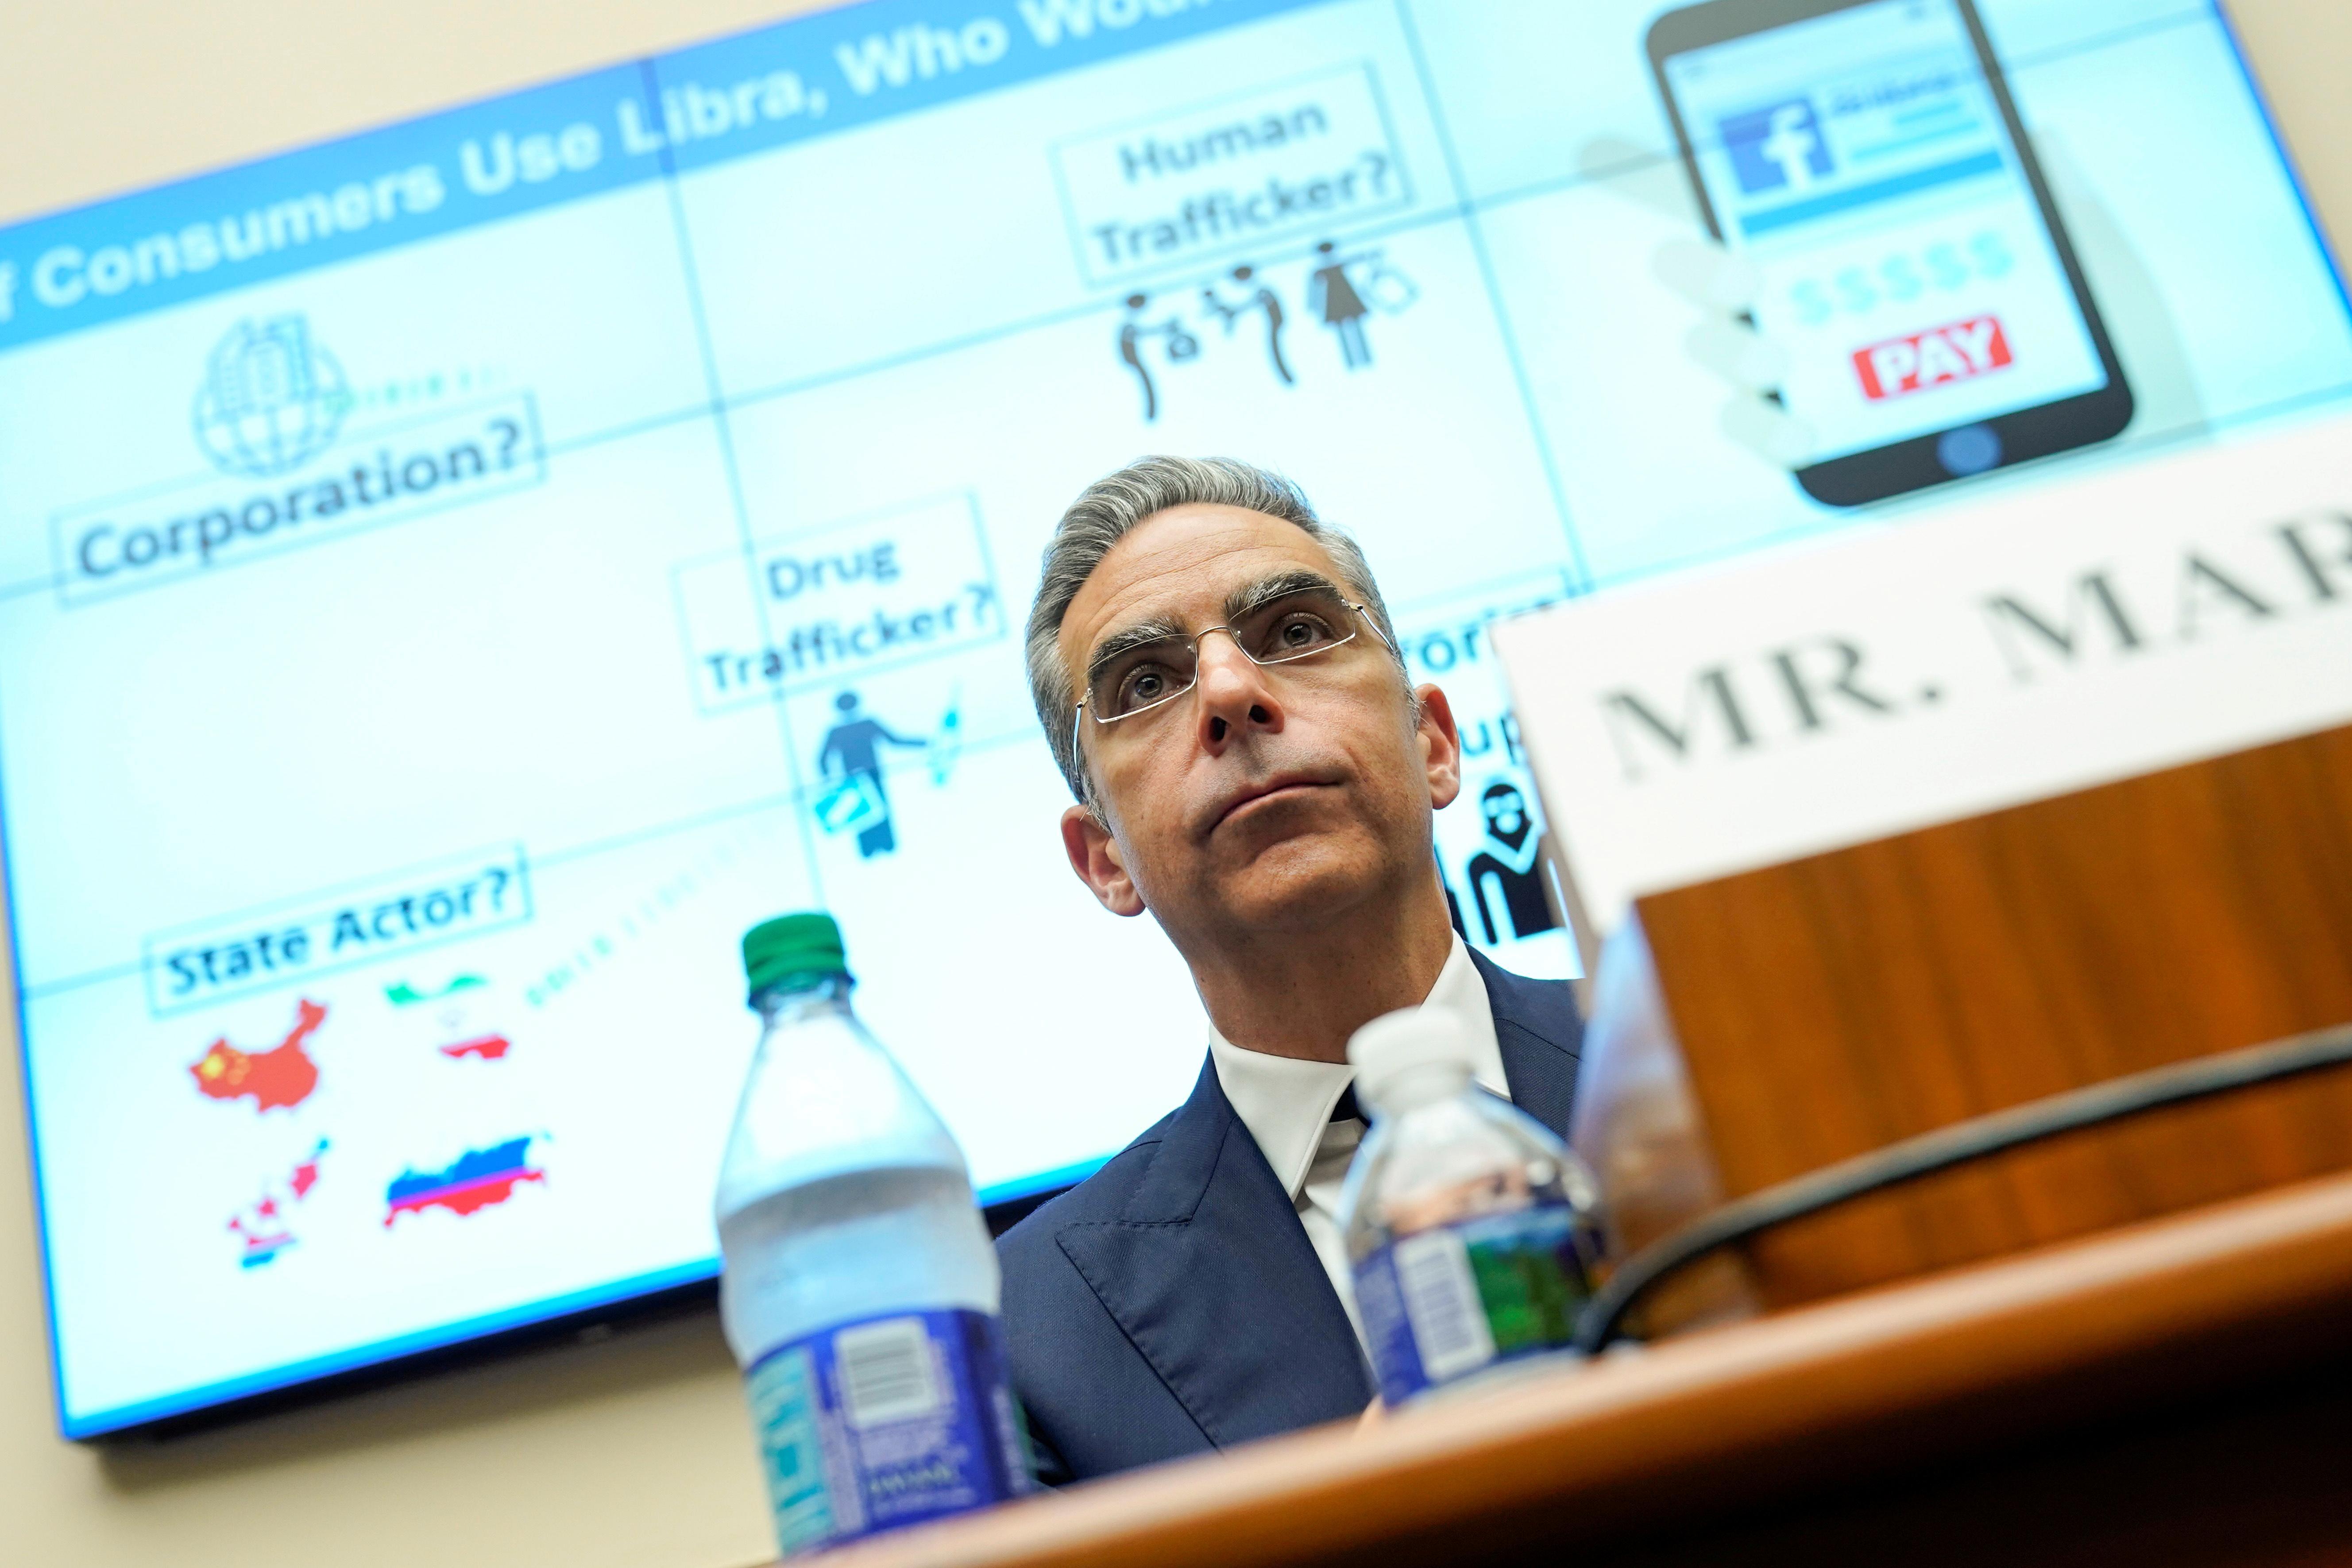 Les législateurs américains contestent Facebook sur le plan de la crypto-monnaie Libra